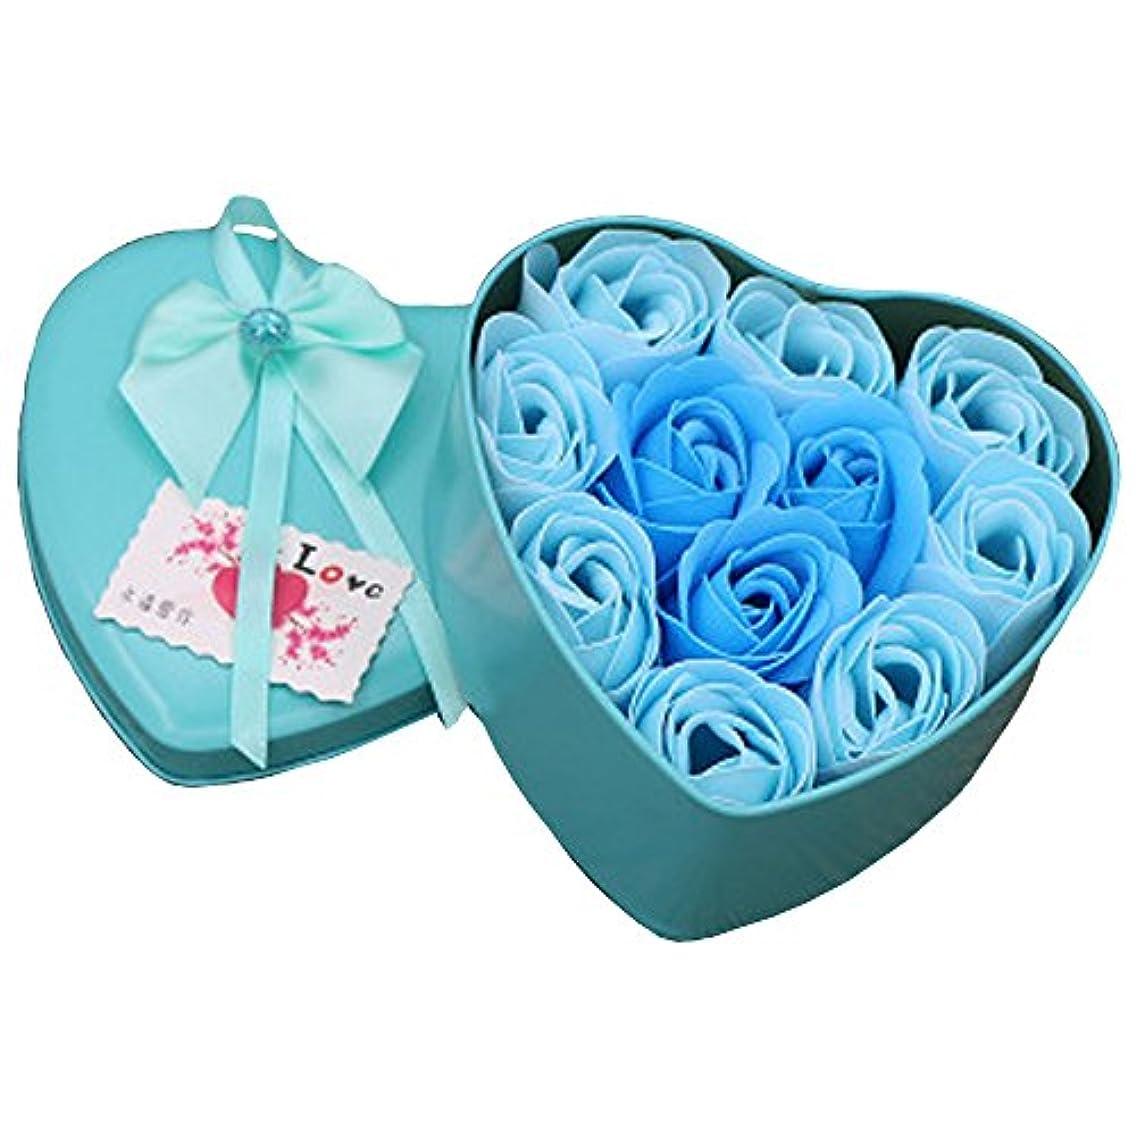 大きいアウター酒iCoole ソープフラワー 石鹸花 ハードフラワー形状 ギフトボックス入り 母の日 バレンタインデー お誕生日 ギフト